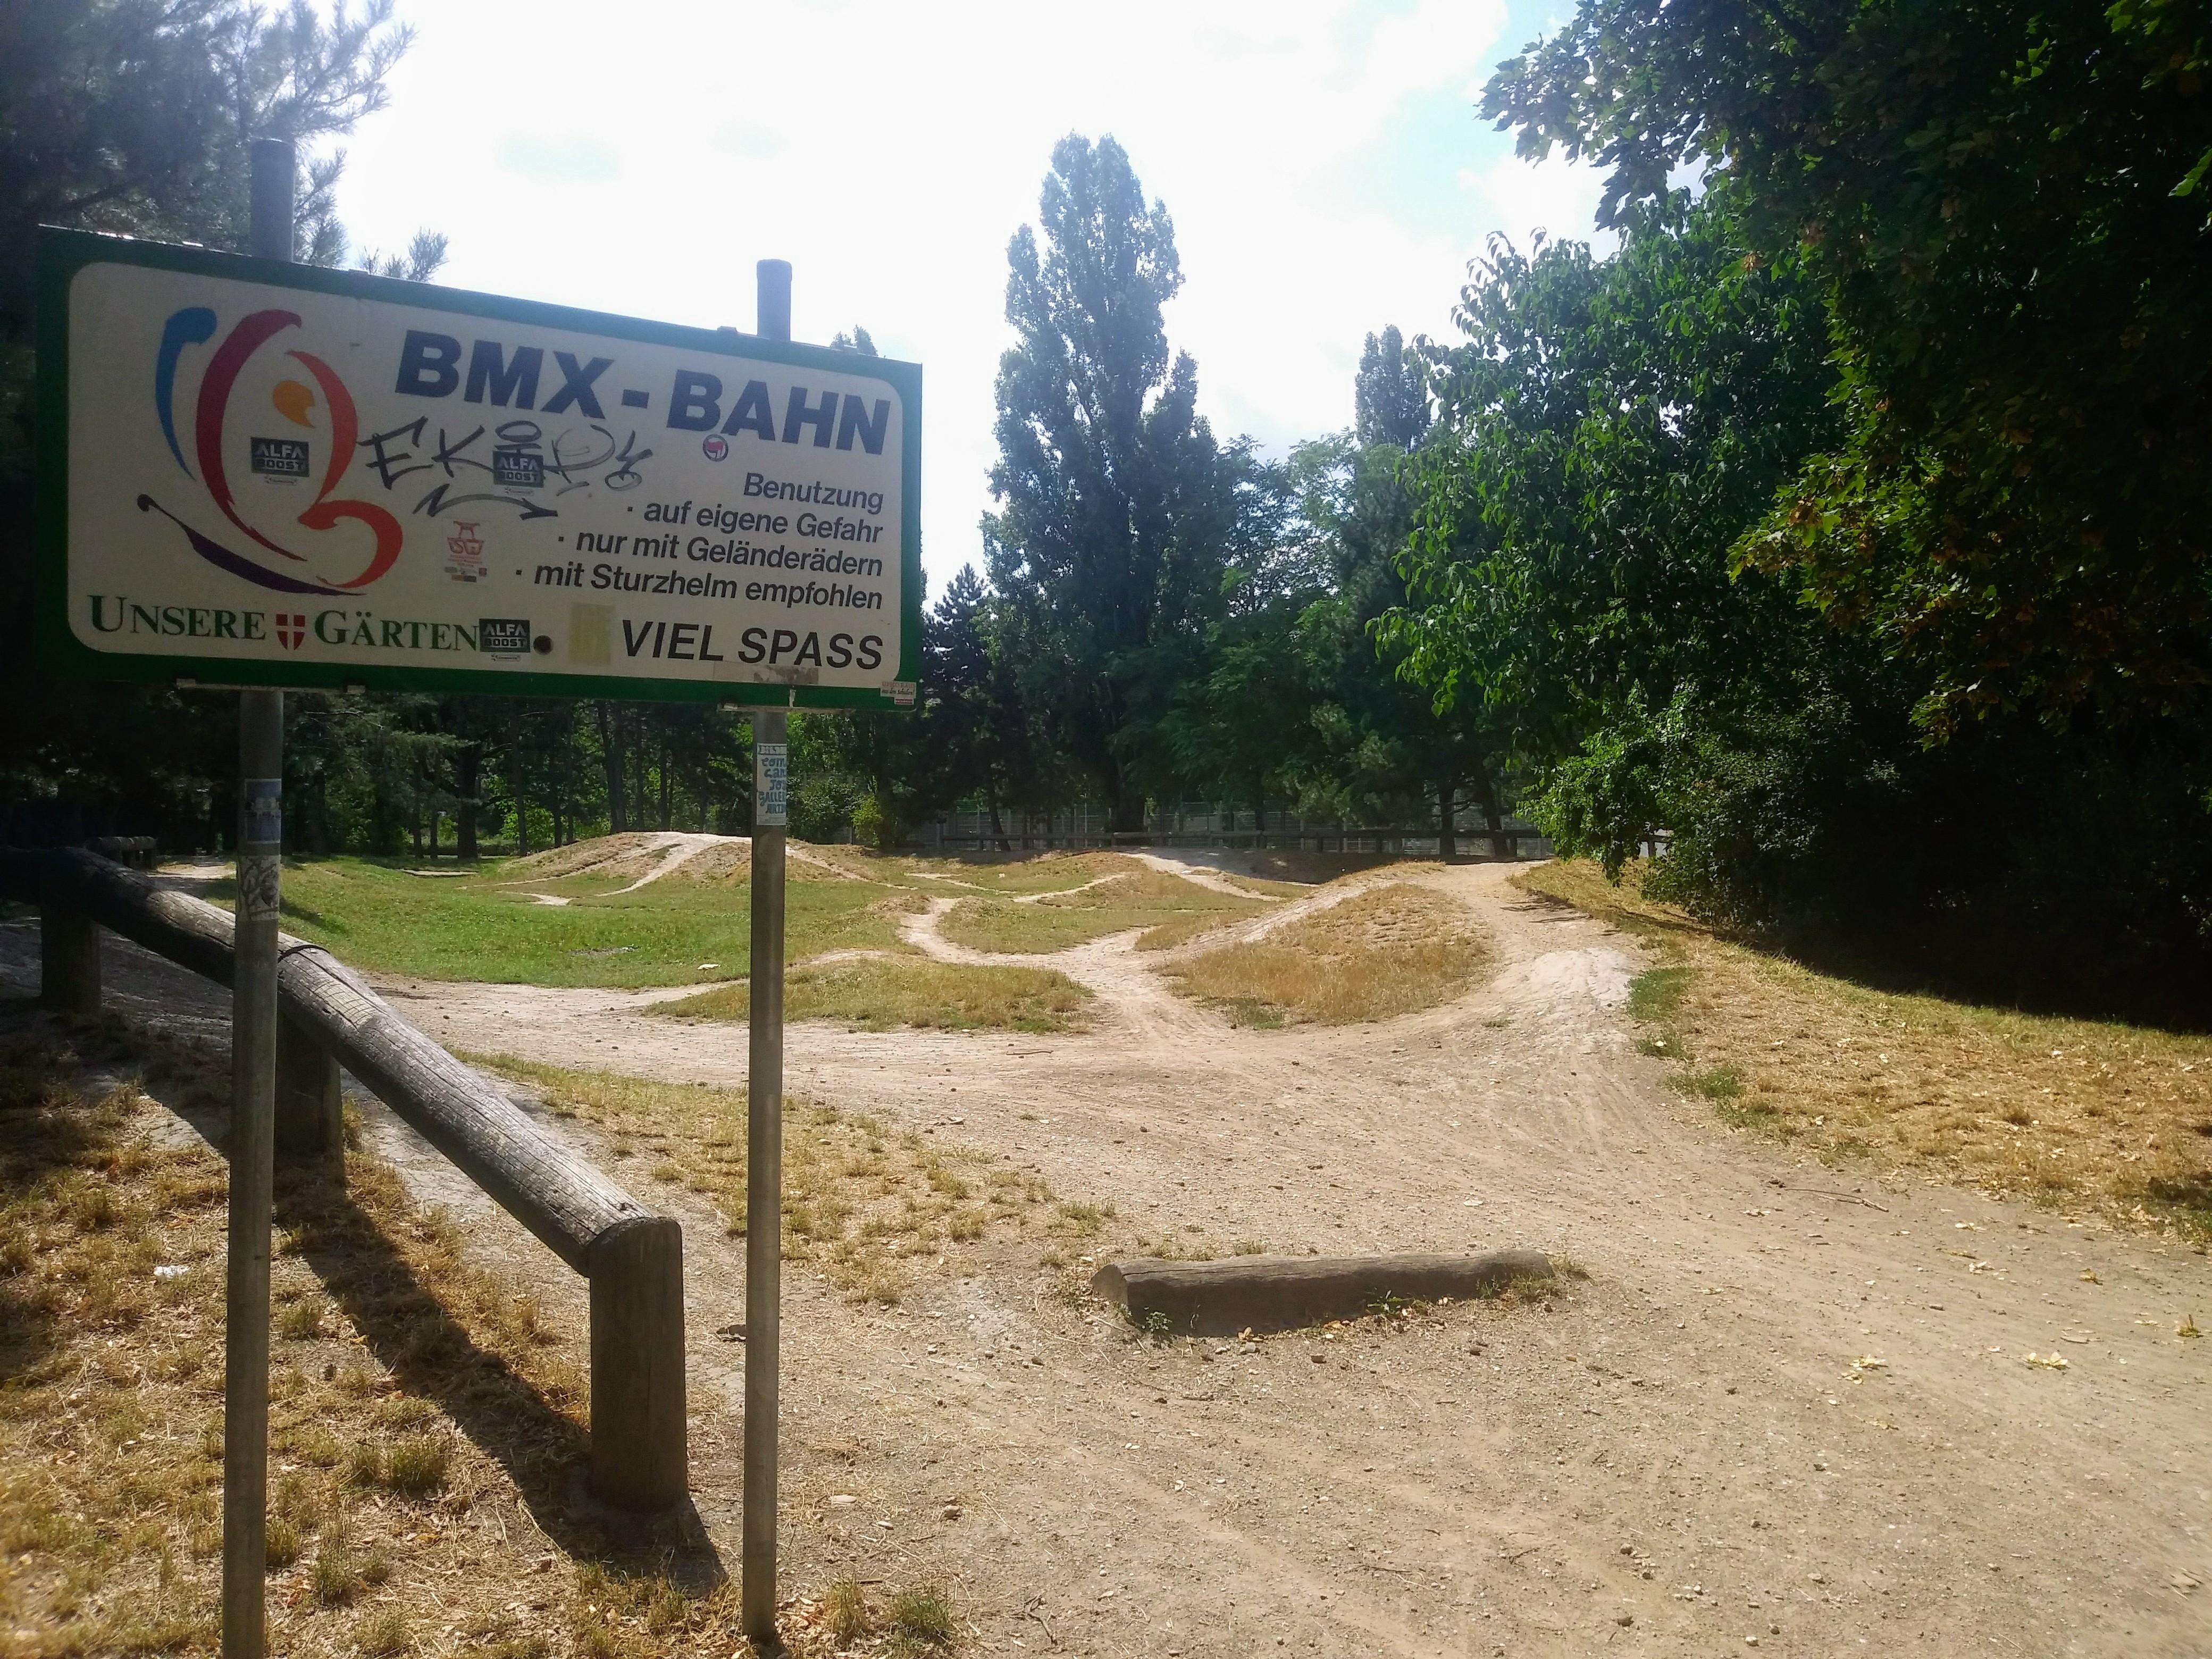 Die BMX-Bahn in der Hauptallee ist öffentlich zugänglich